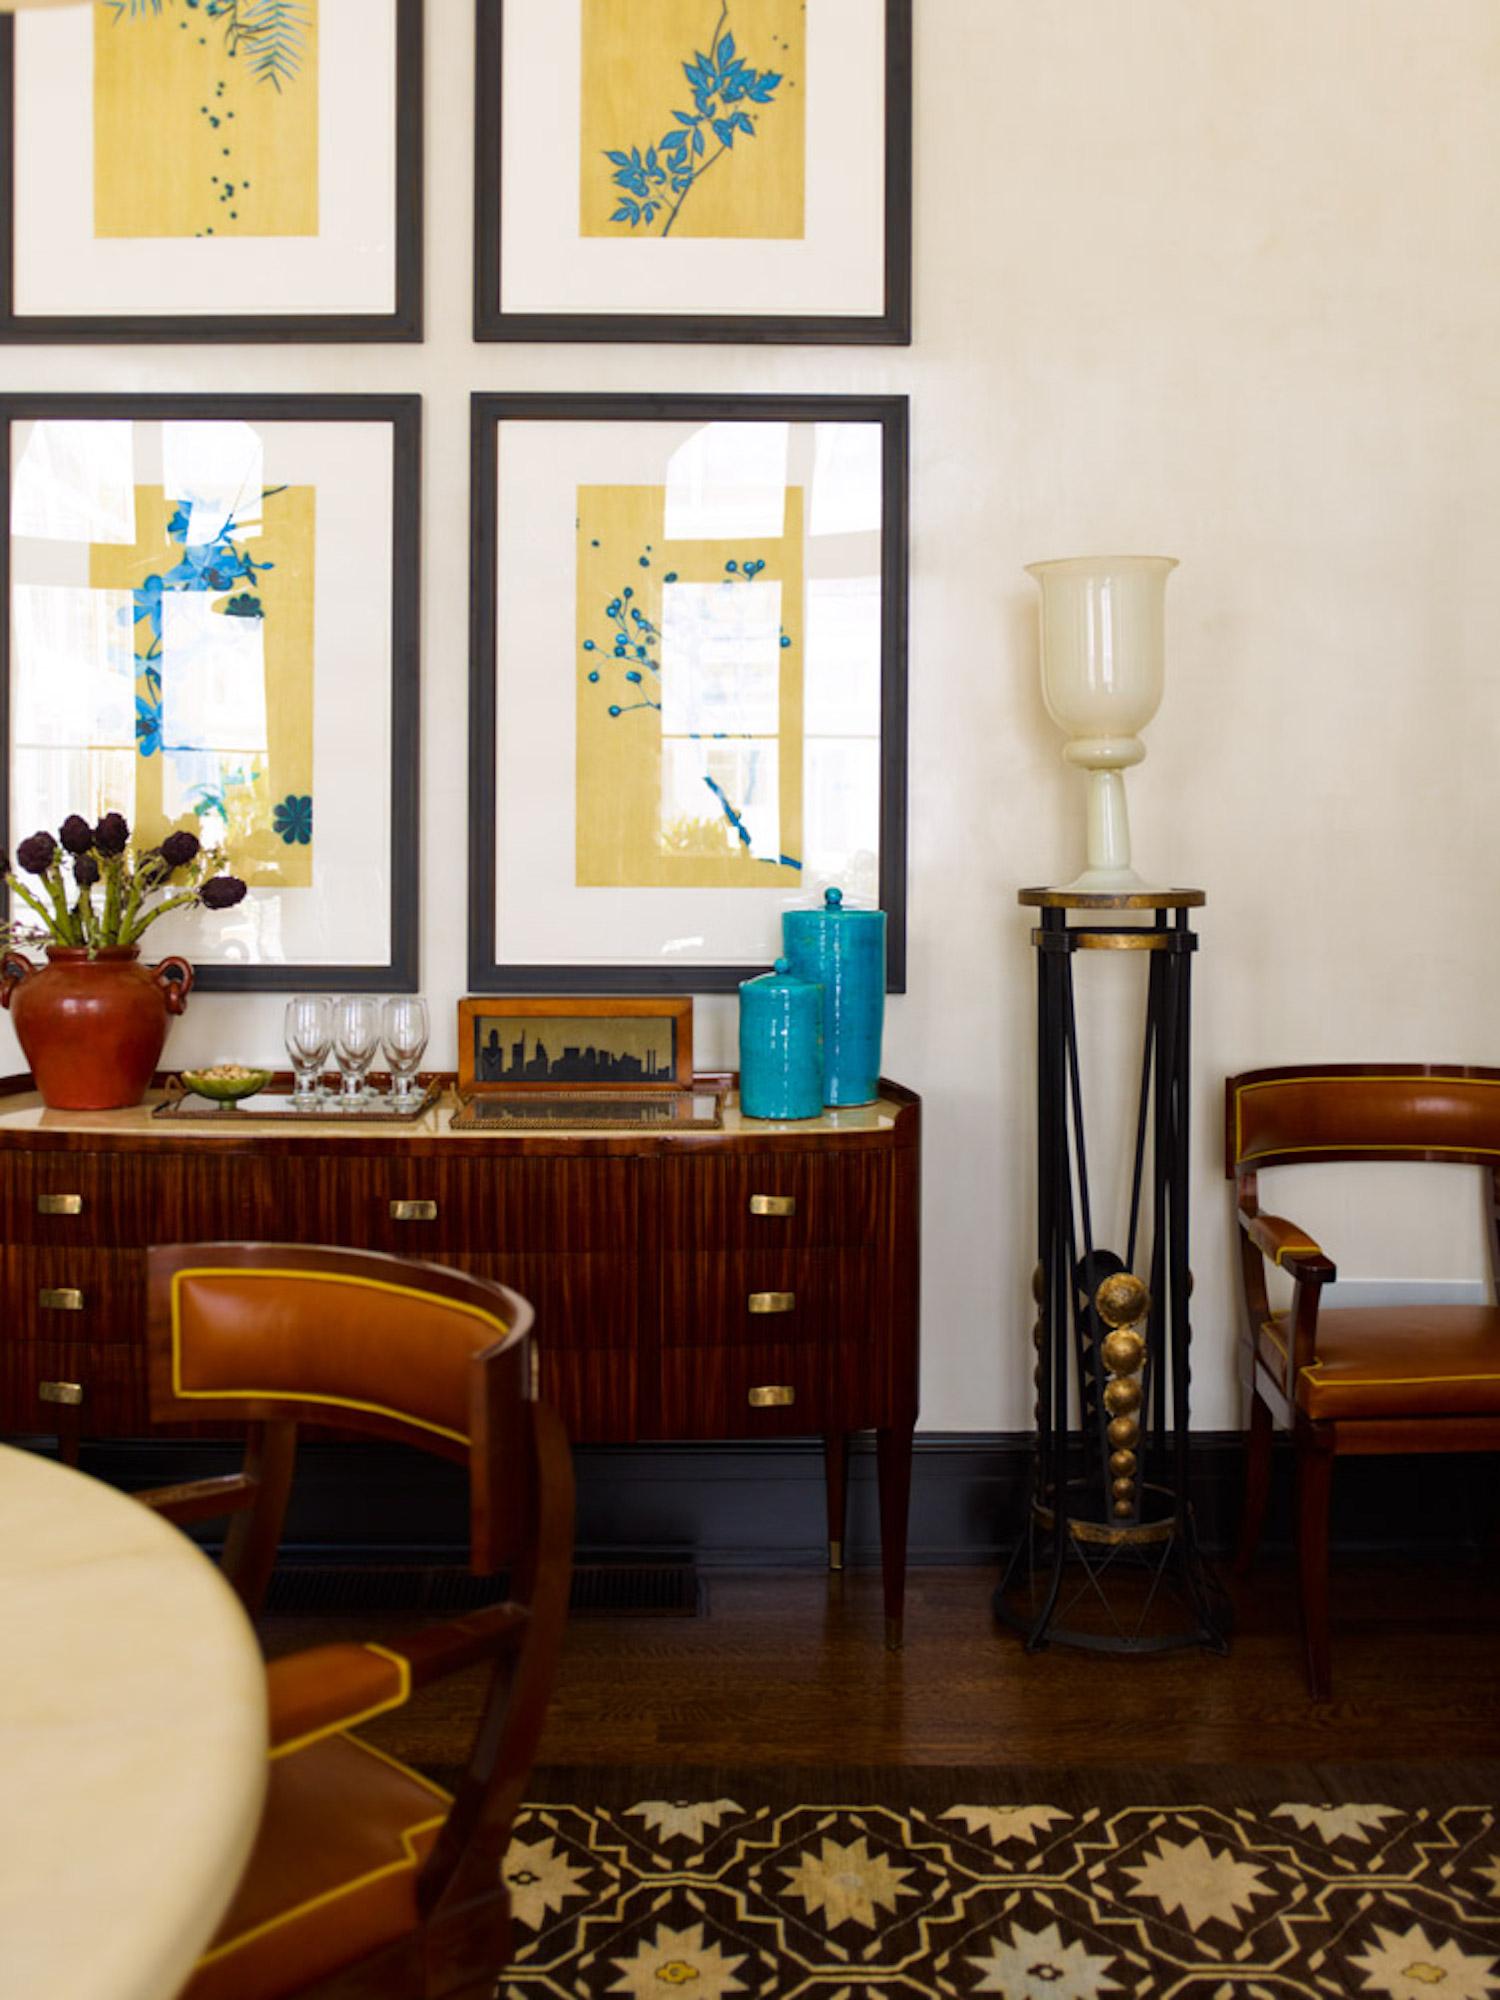 0901_breakfast room detail.jpg